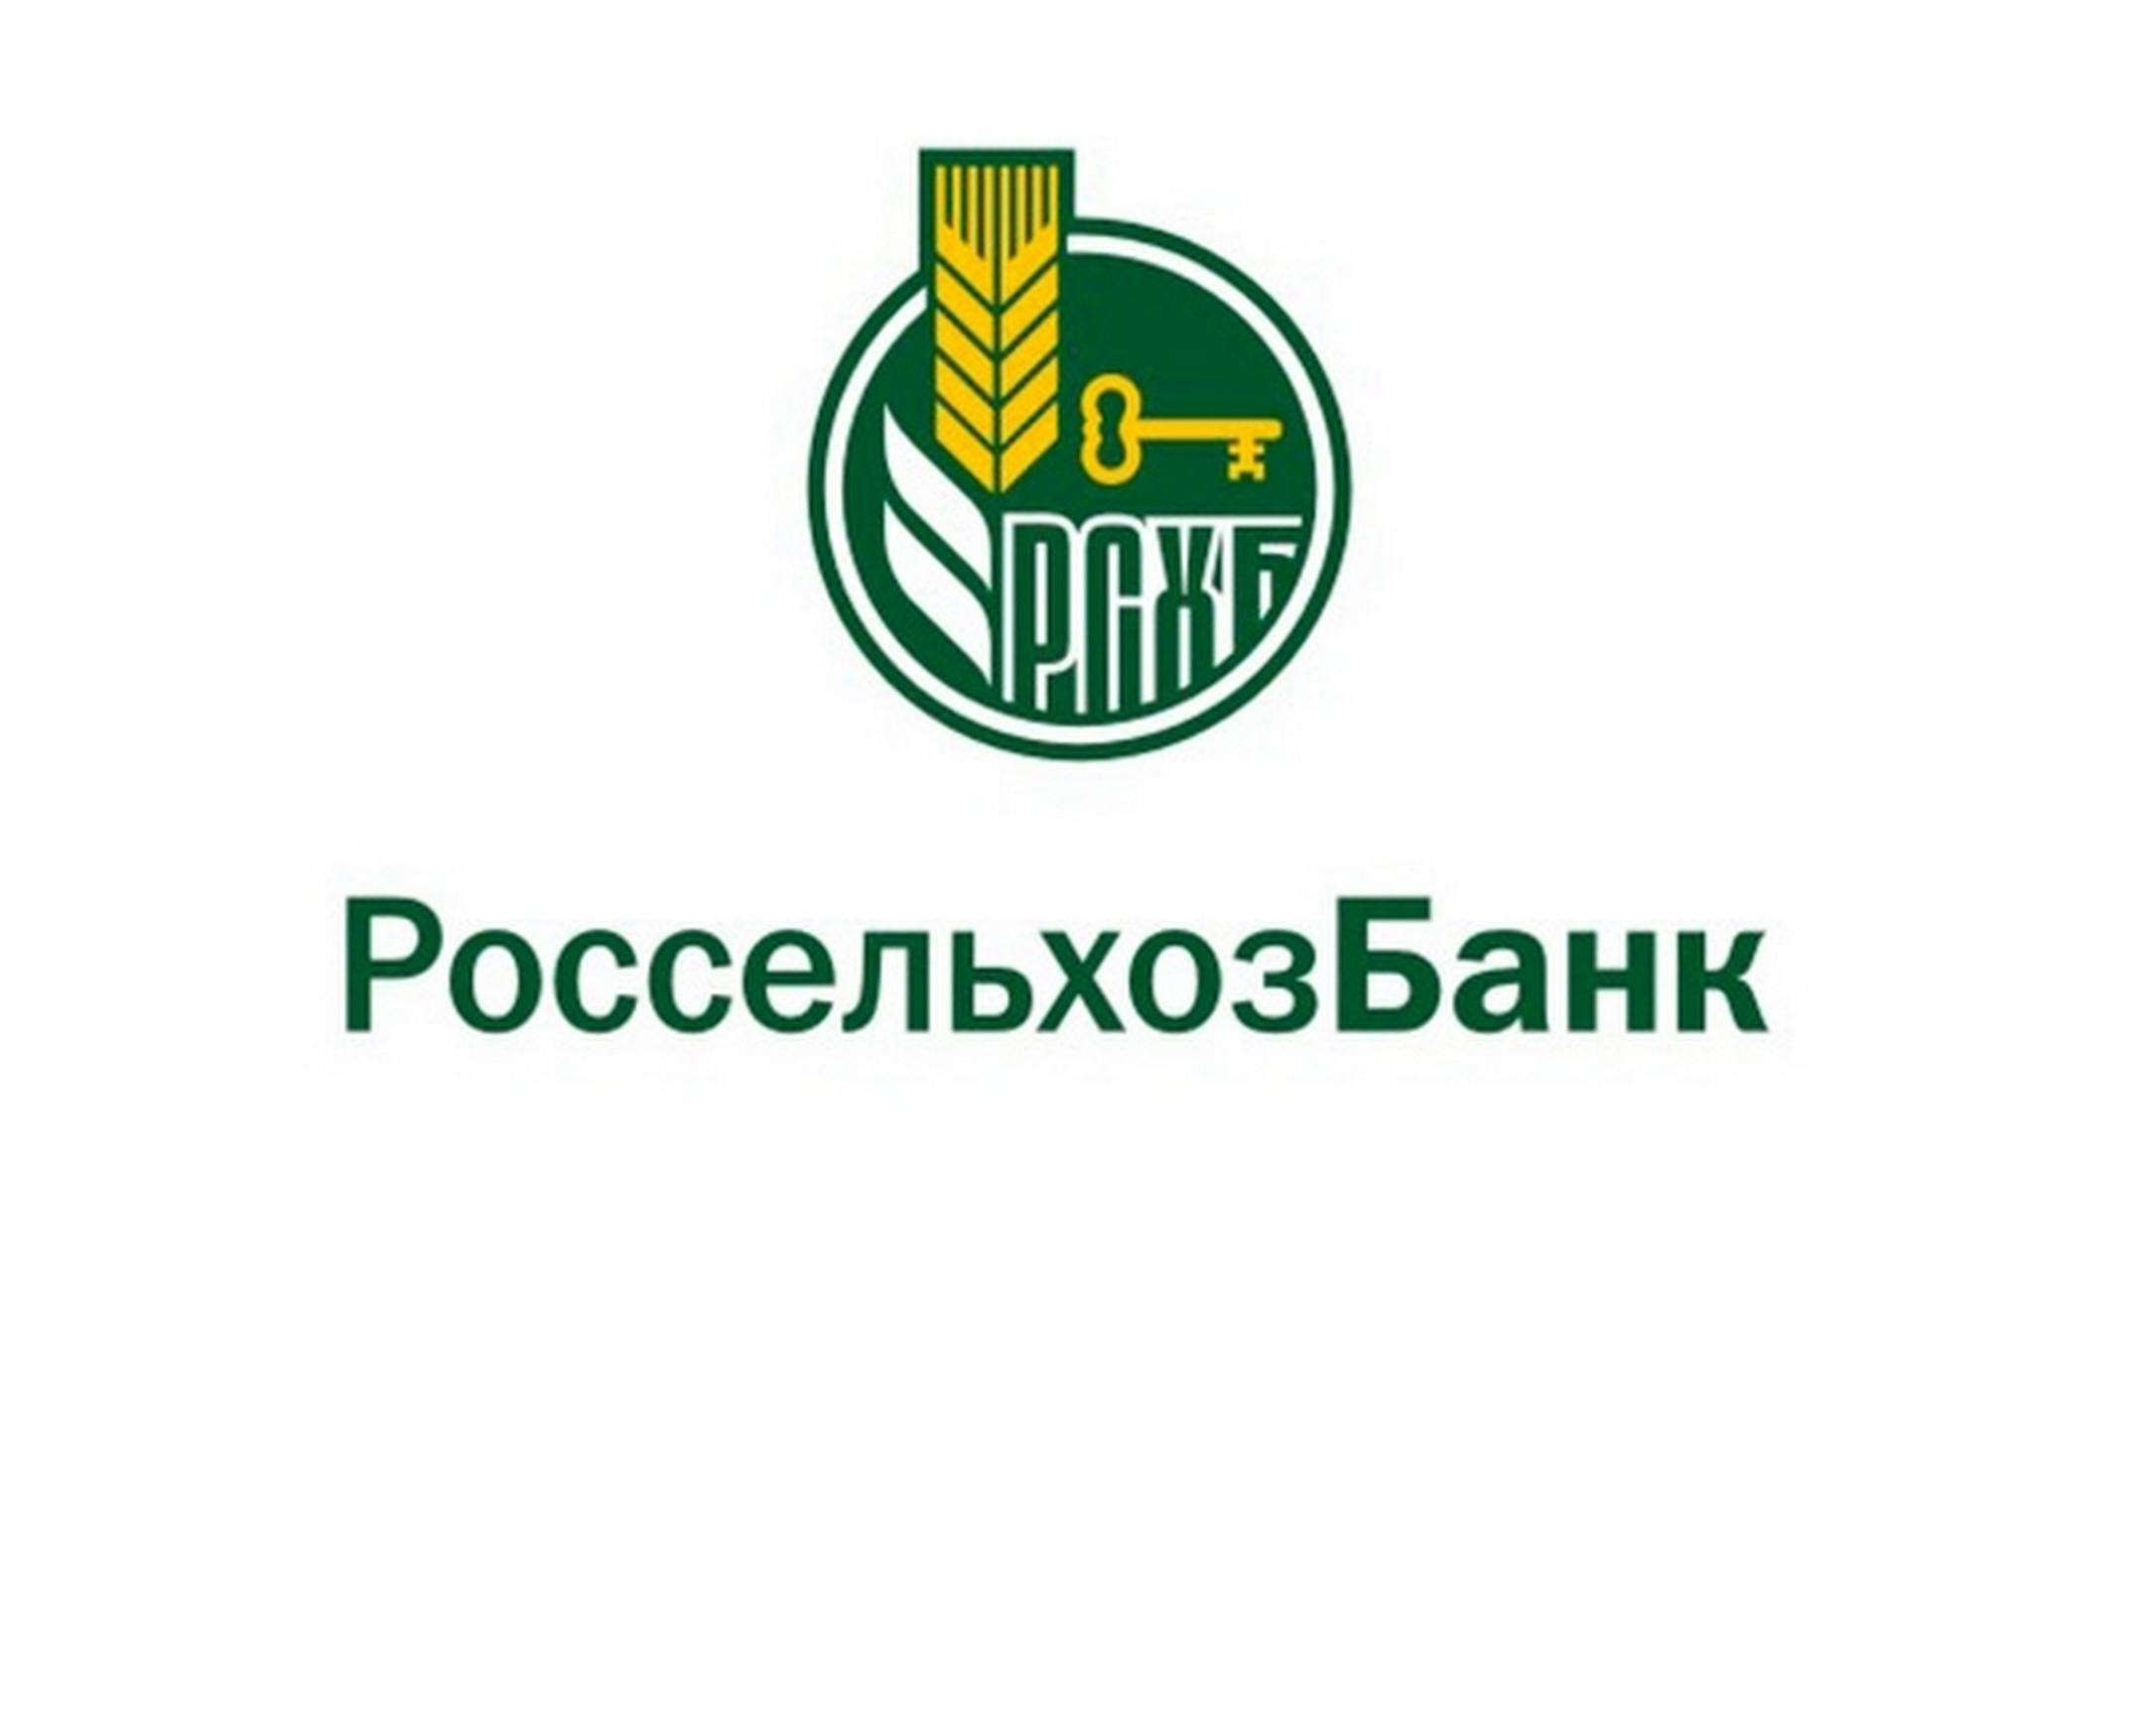 Россельхозбанк будет докапитализирован на25 млрд руб.